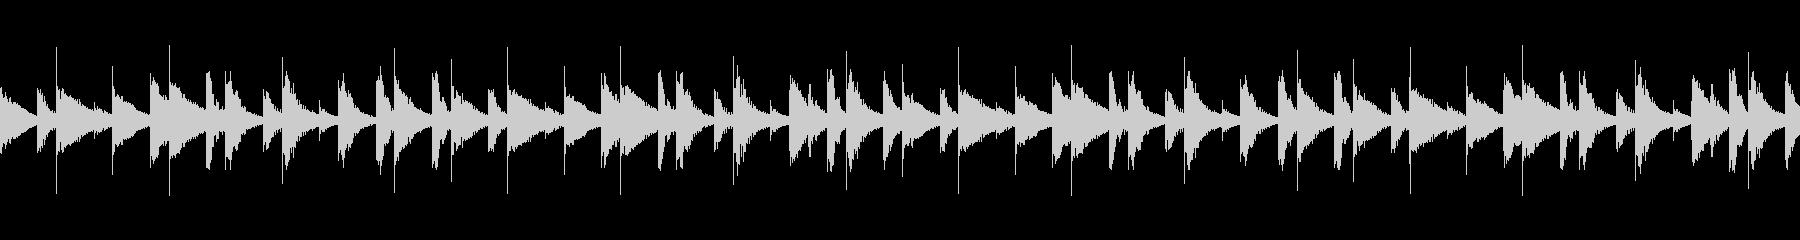 CM 木琴の陽気でテンポの良いBGMの未再生の波形